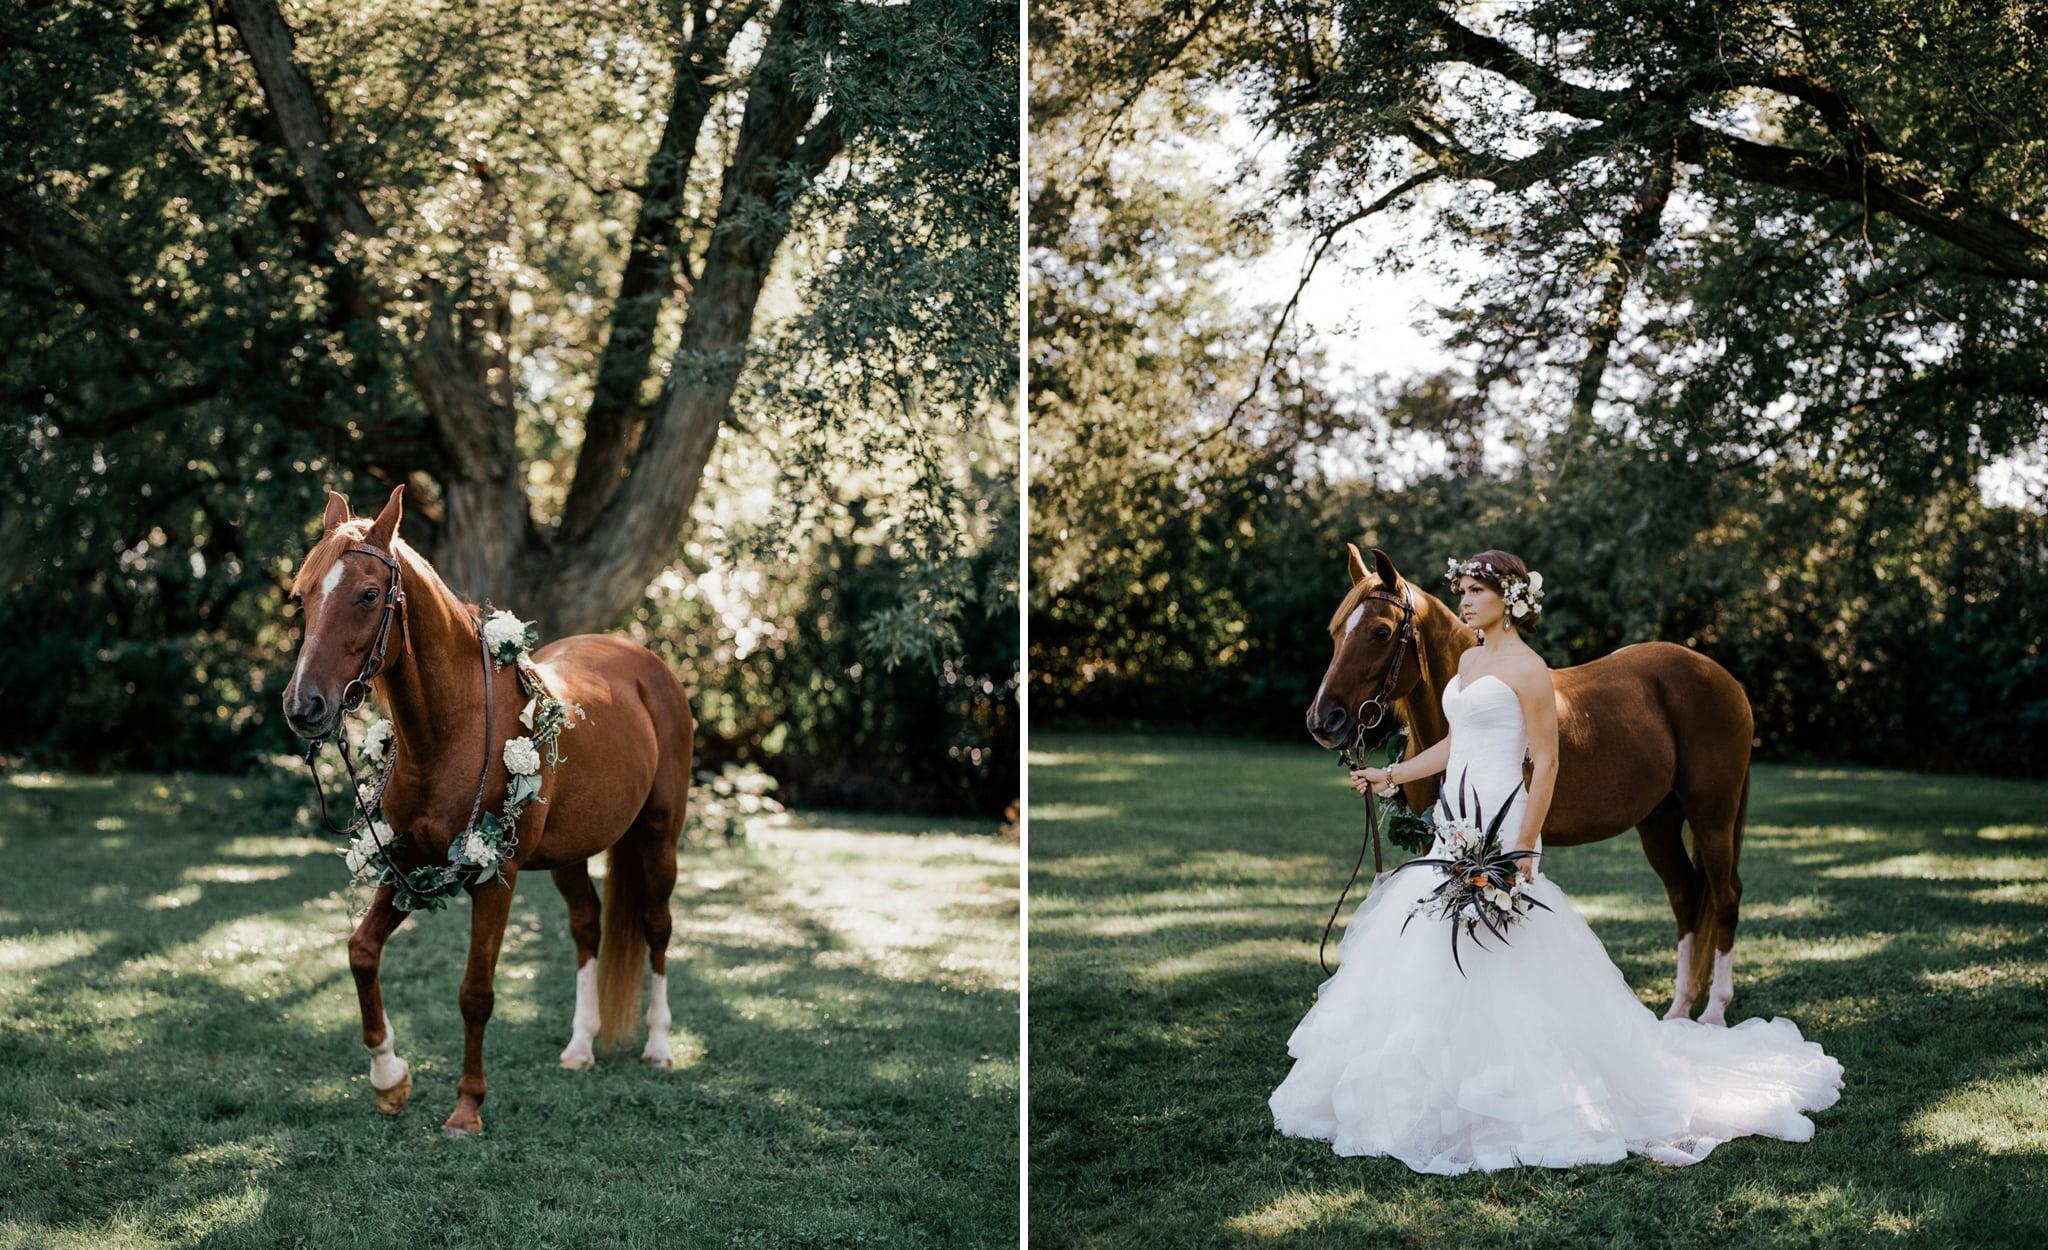 Horse-and-bride-wedding-photos